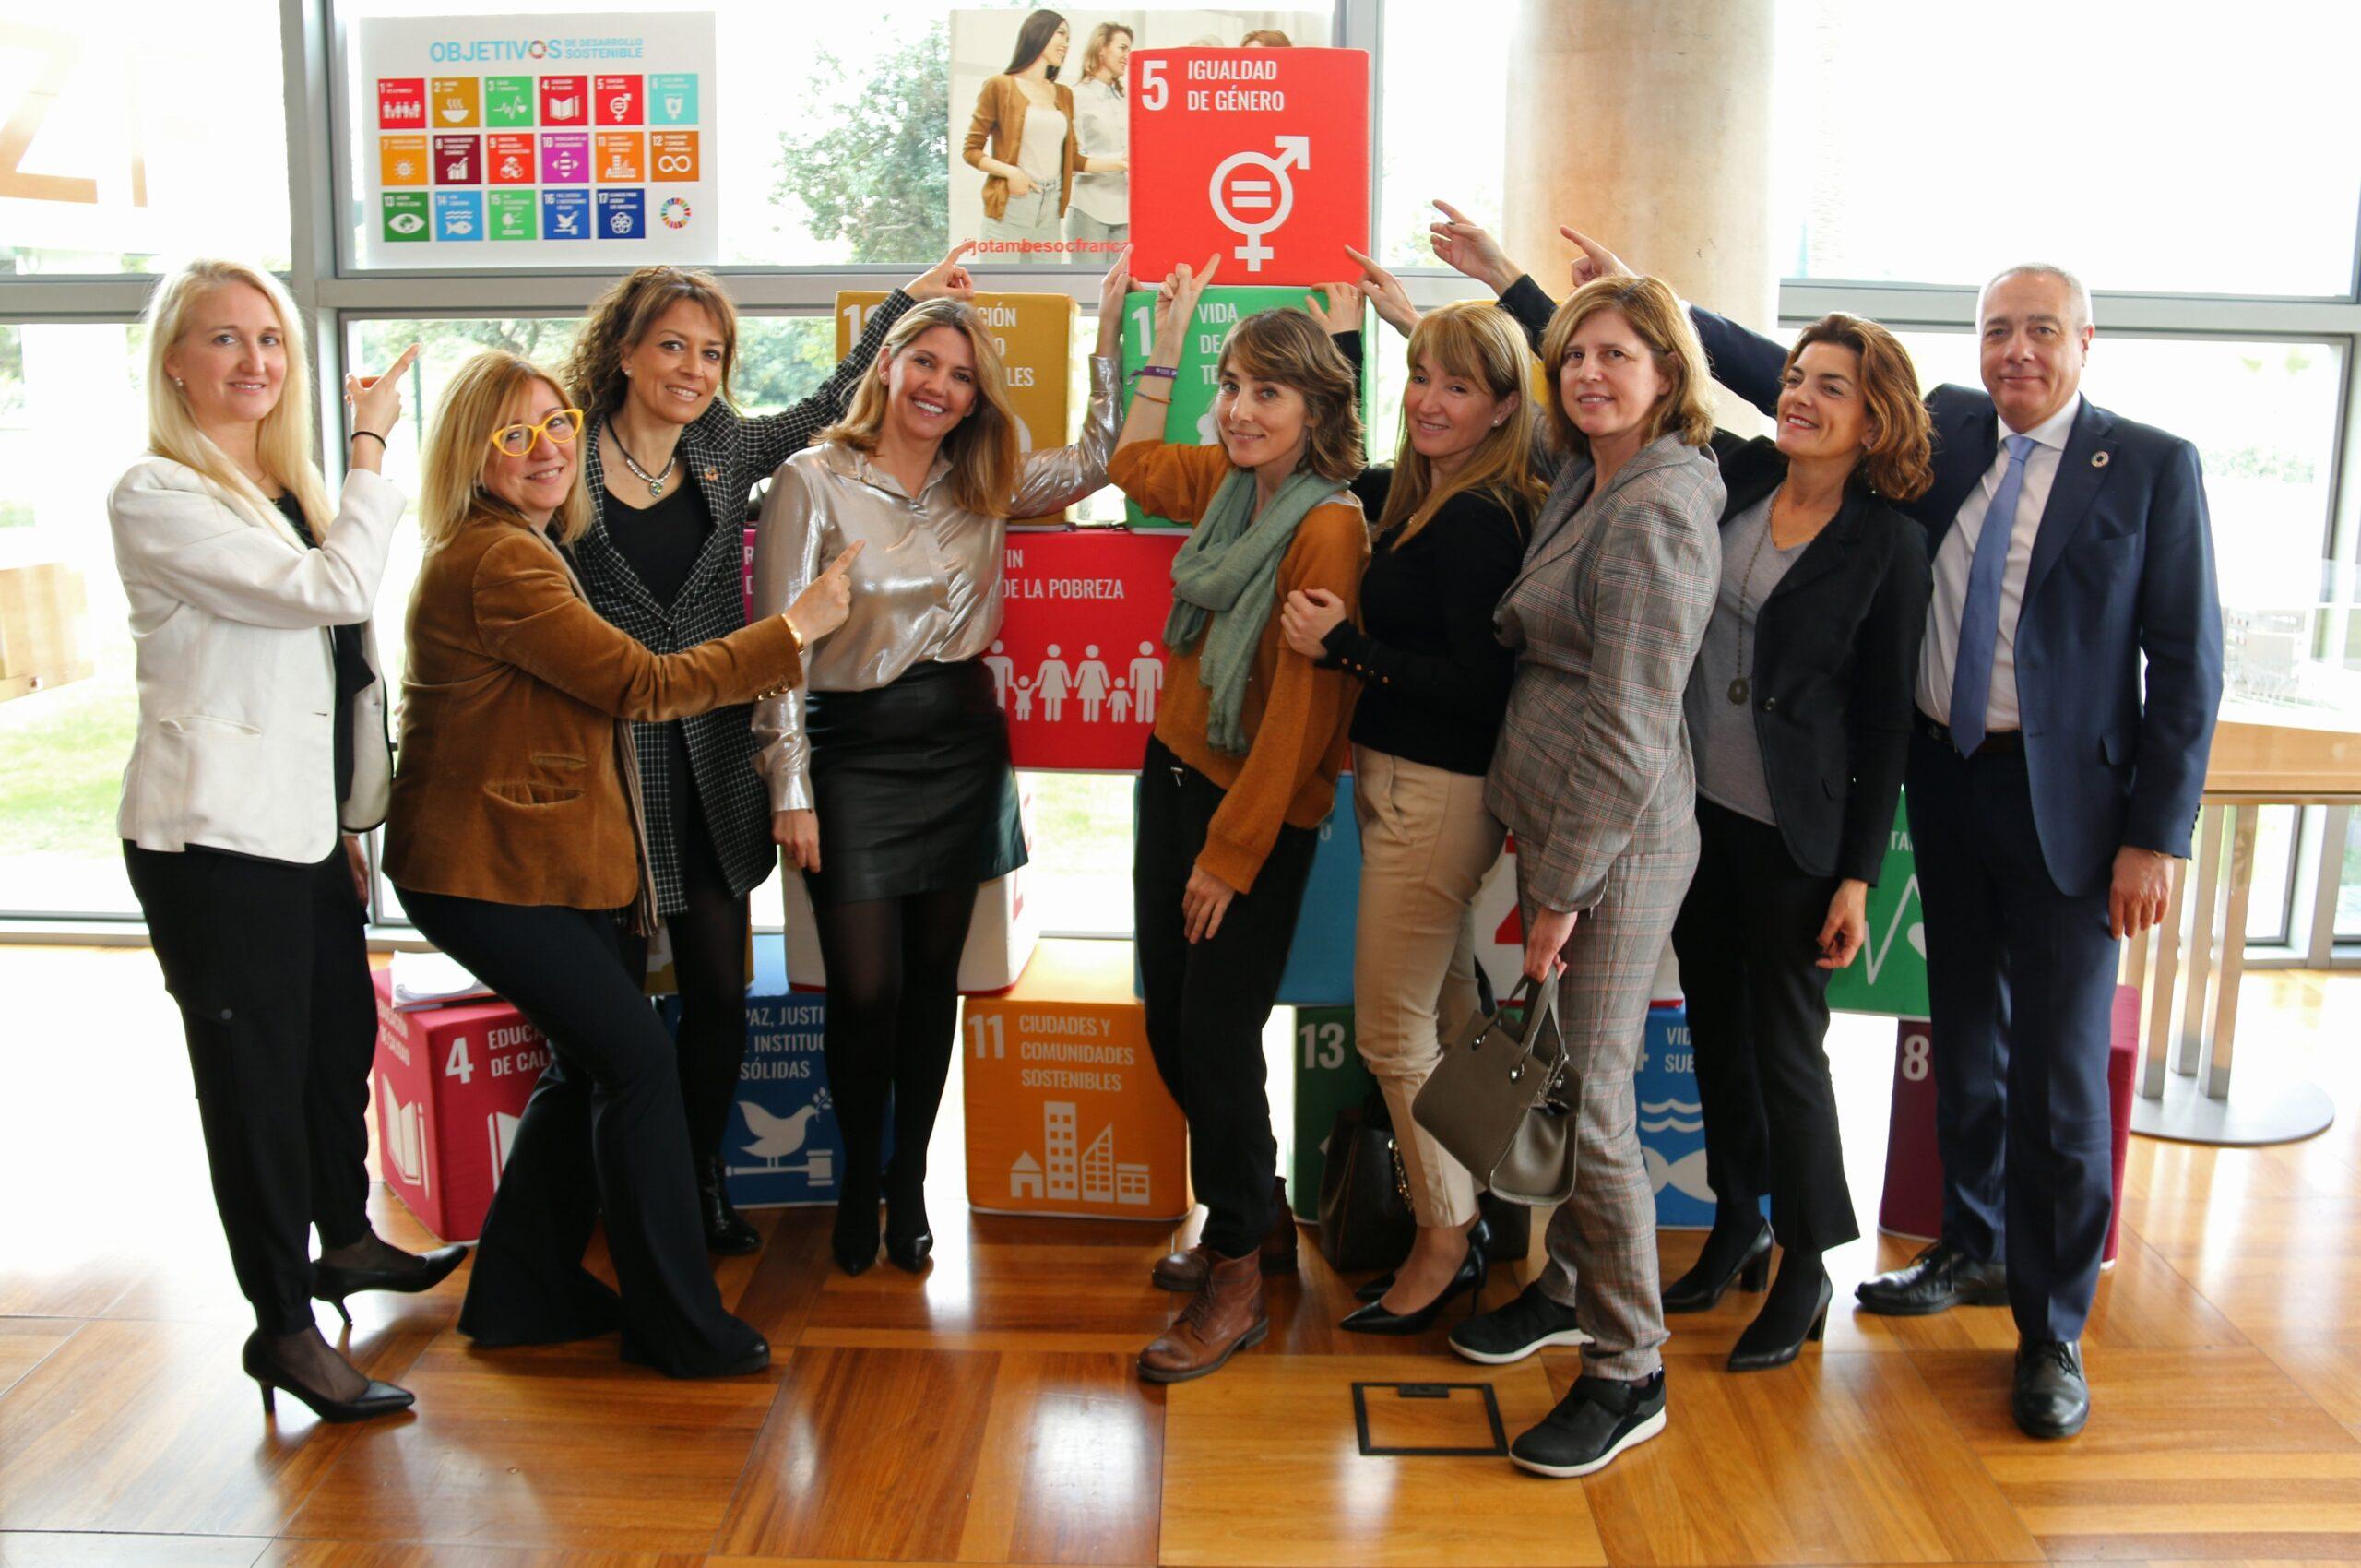 Equipo impulsor del punto 5 de los Objetivos de Desarrollo Sostenible (ODS) de la Agenda 2030 de la ONU.